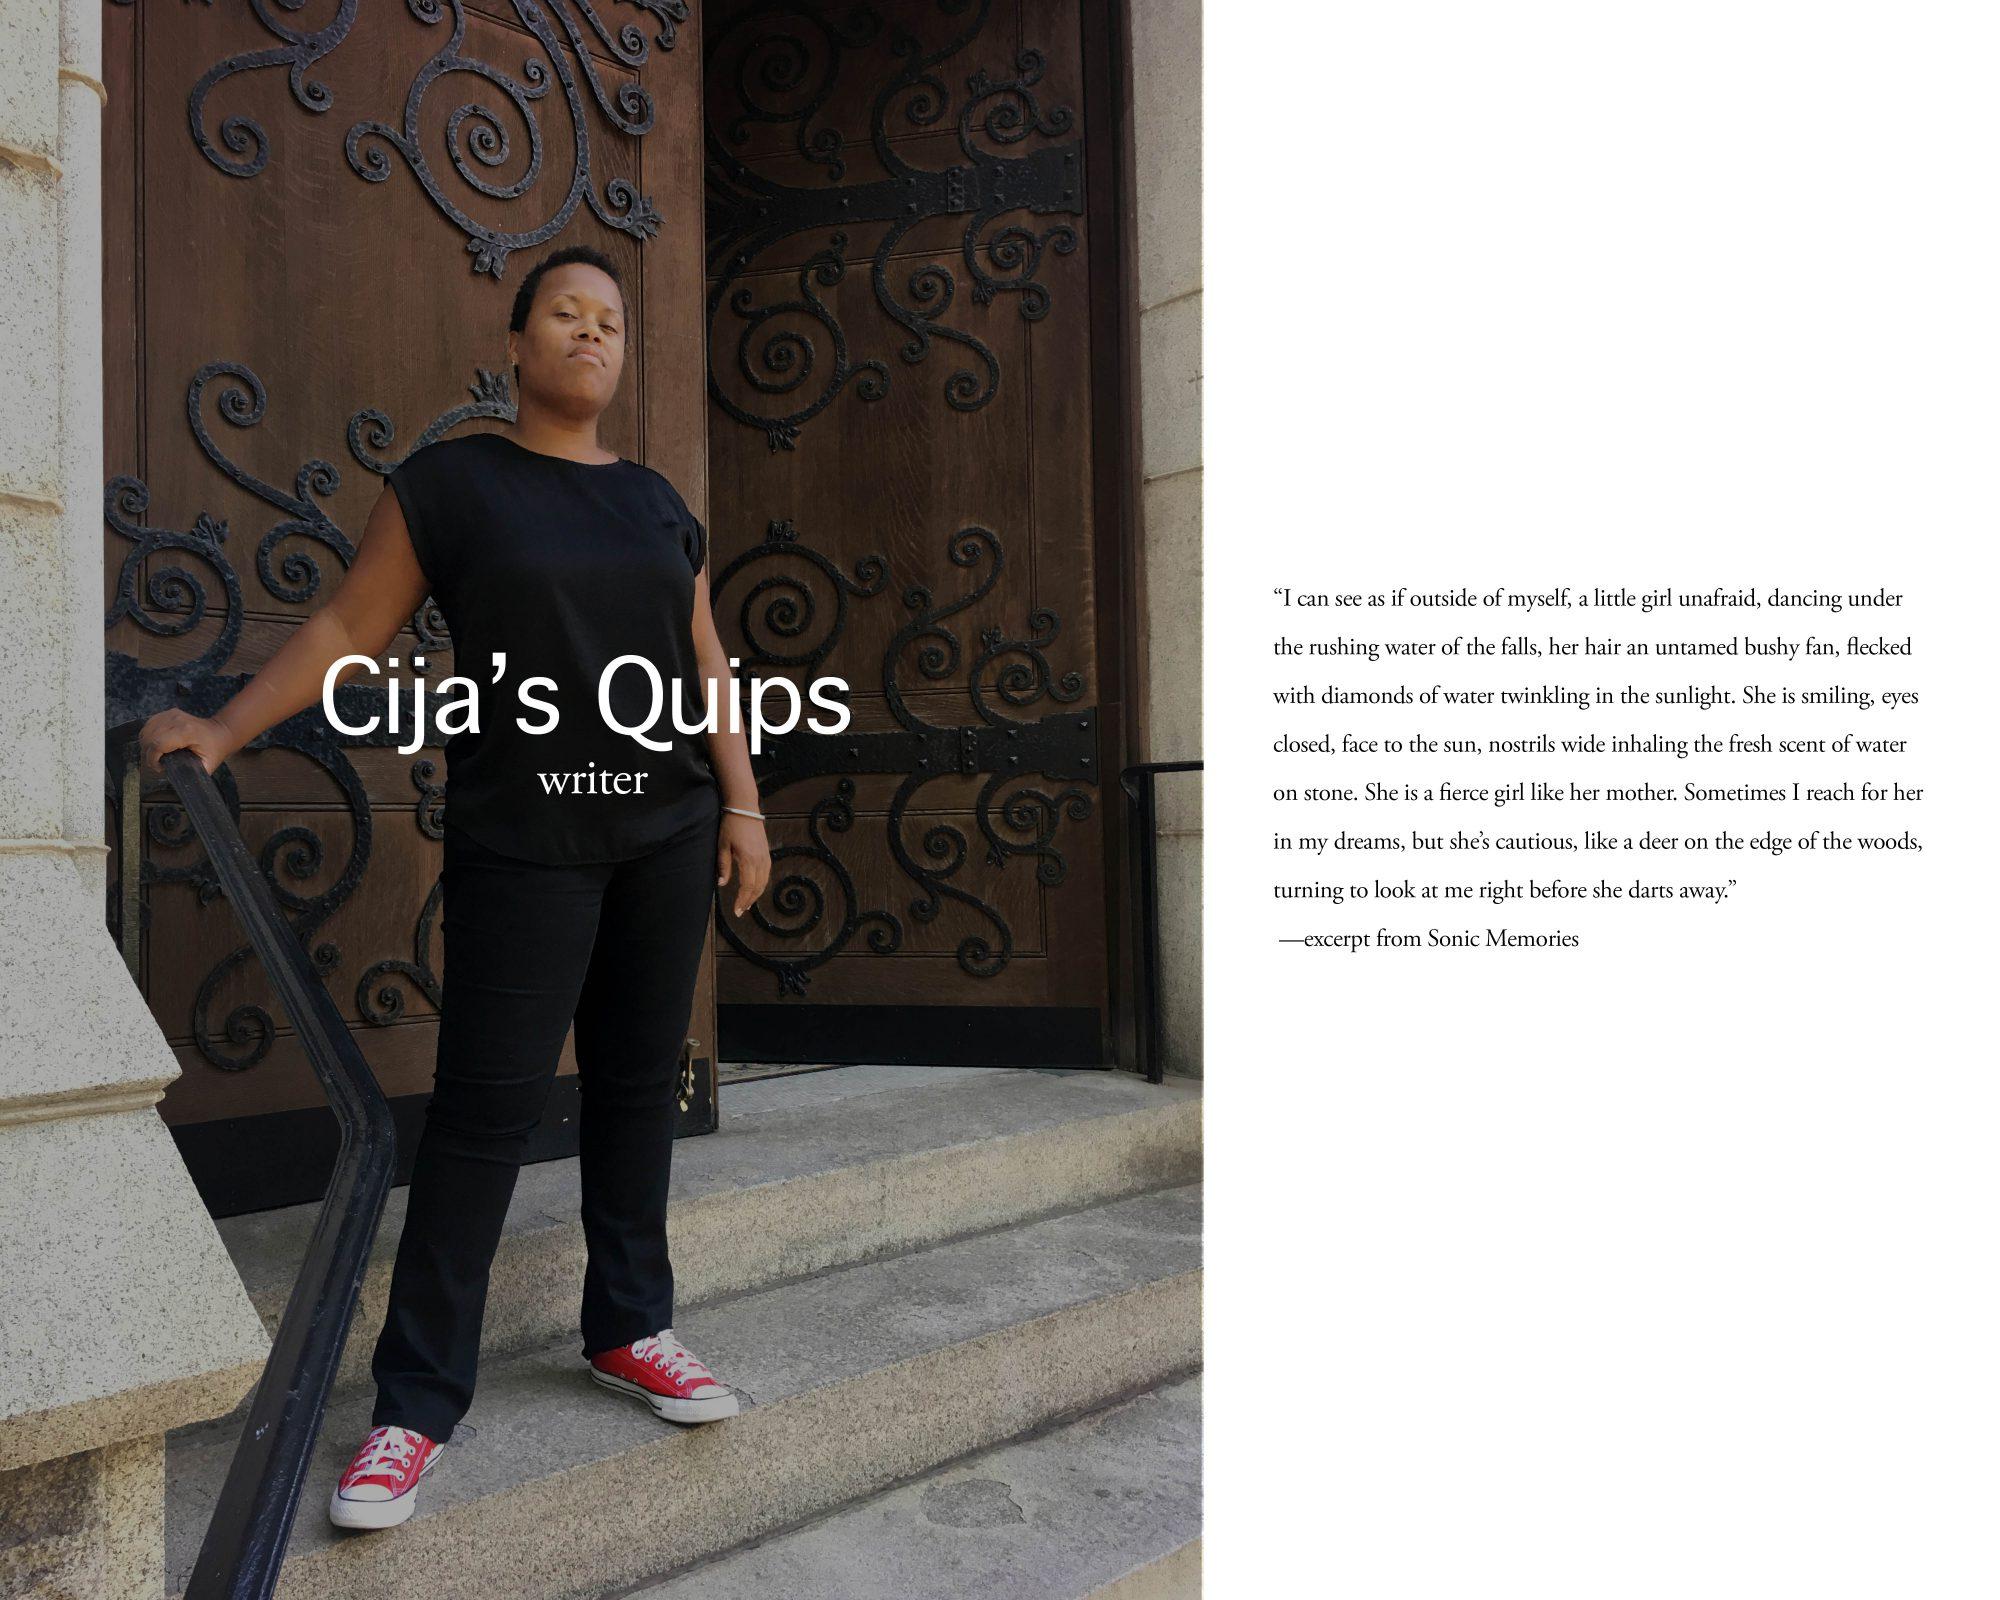 Cija's Quips